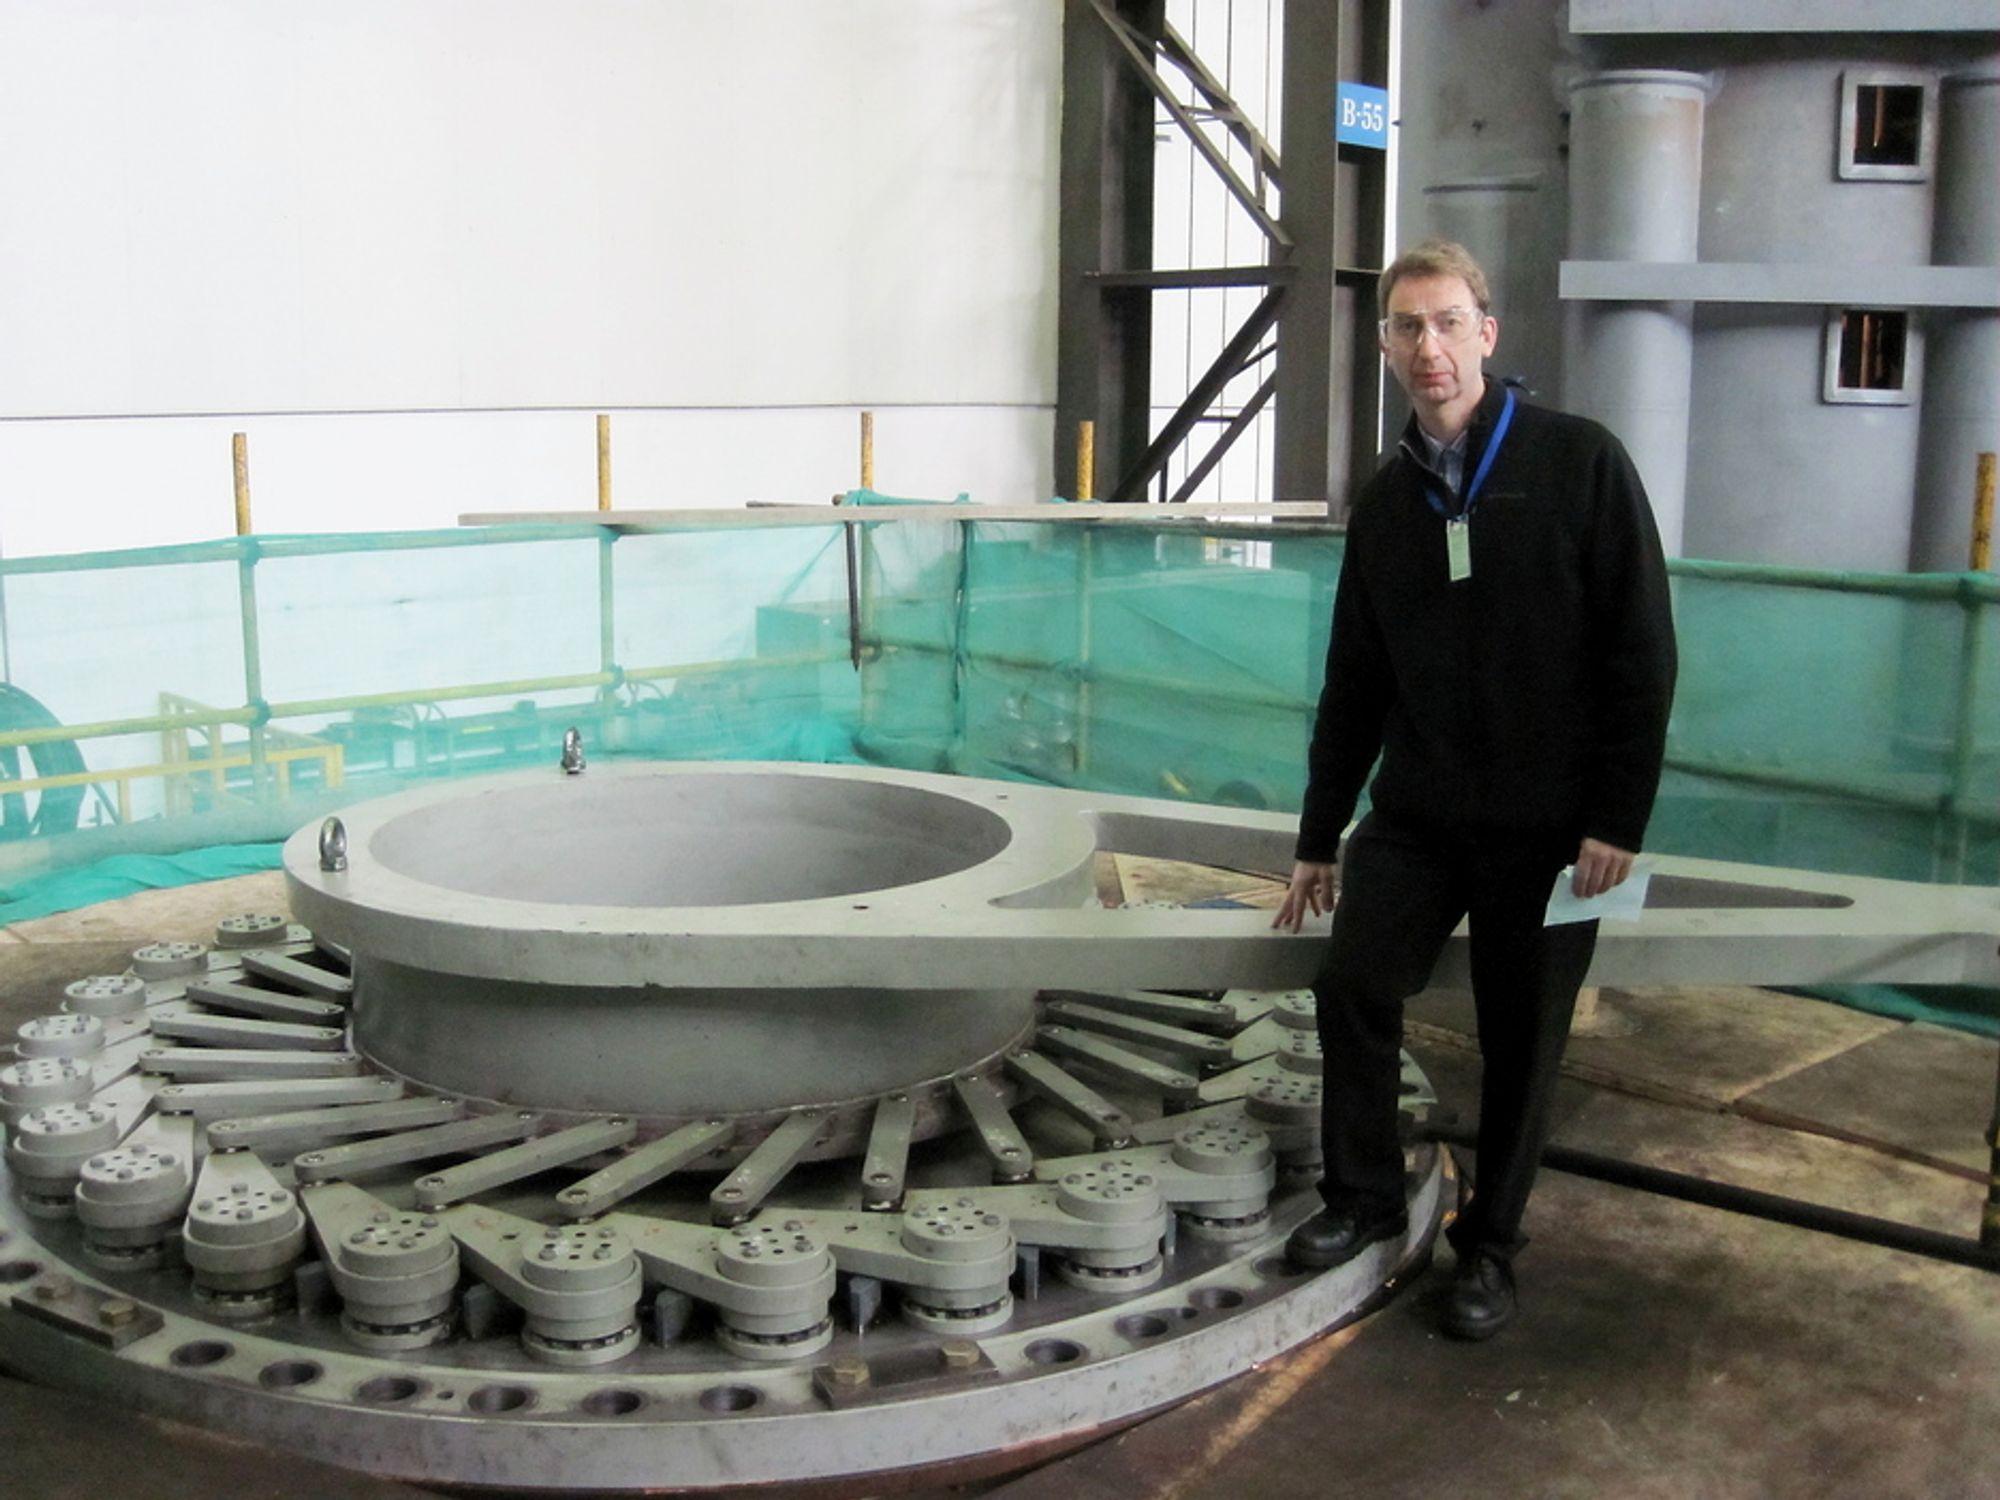 FRA HANGZHOU TIL HALLINGDAL: Daglig leder Trond Moltubakk viser frem turbinen som snart skal legge ut på den lange reisen fra Kina til Norge.